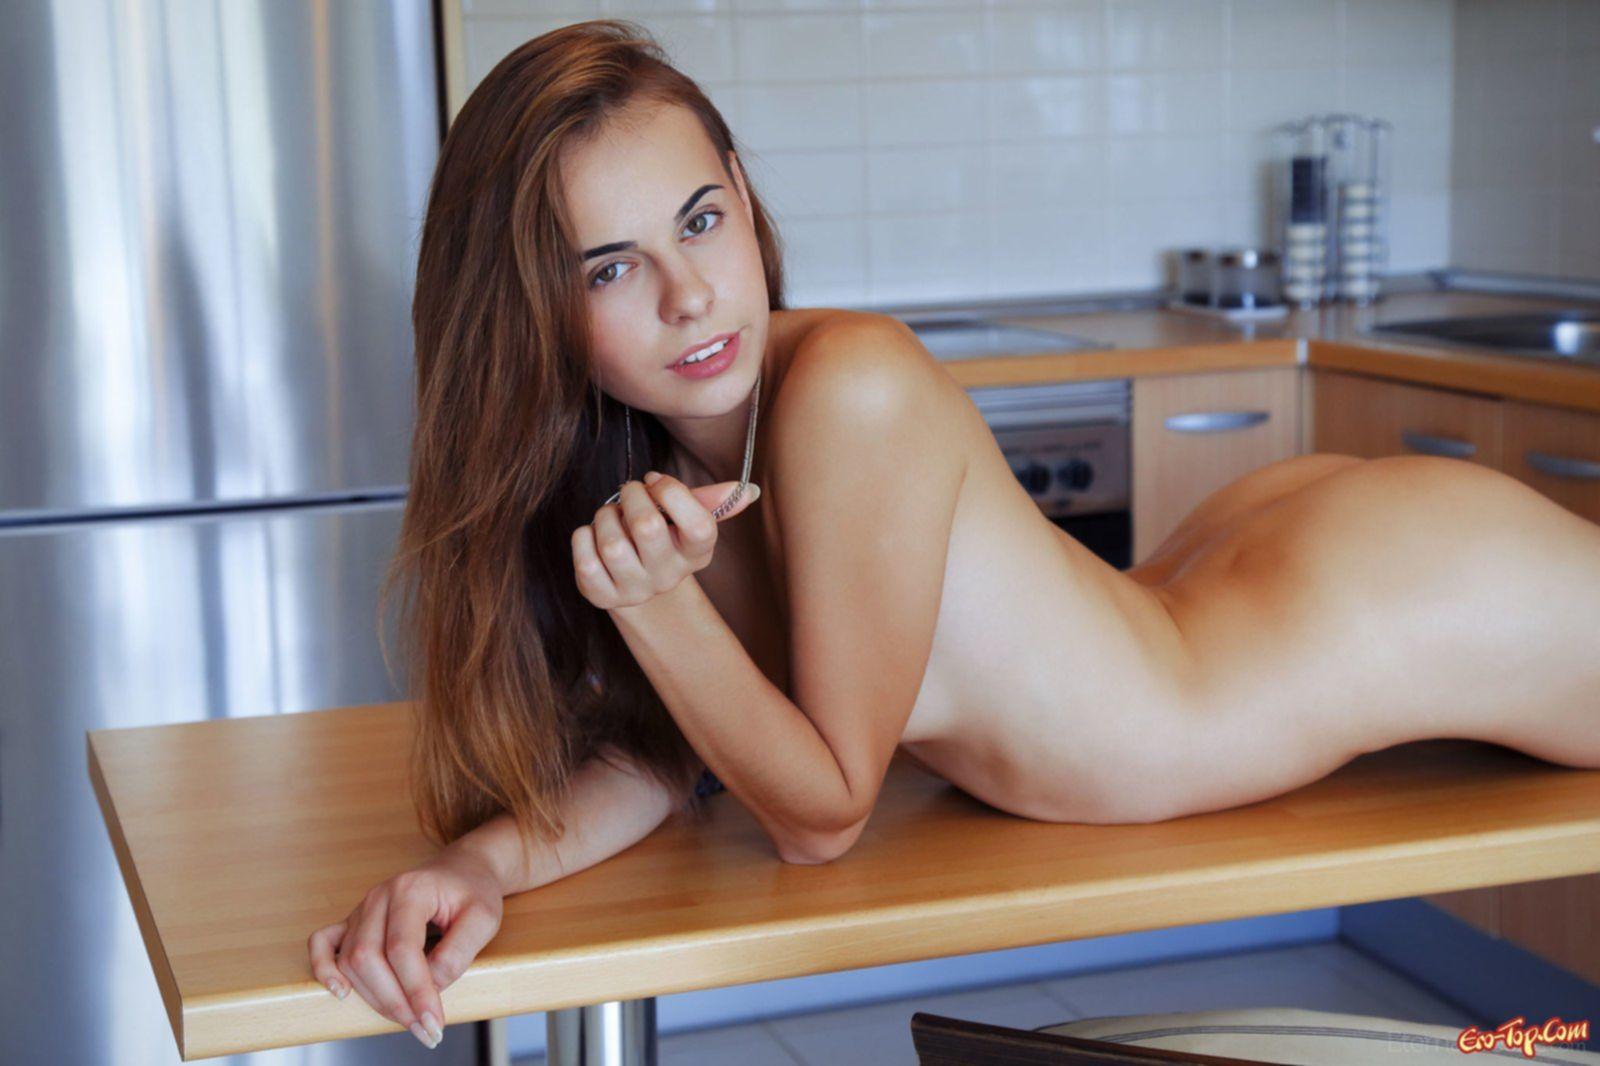 Голая девушка с красивой киской на кухне. Фото эротика.